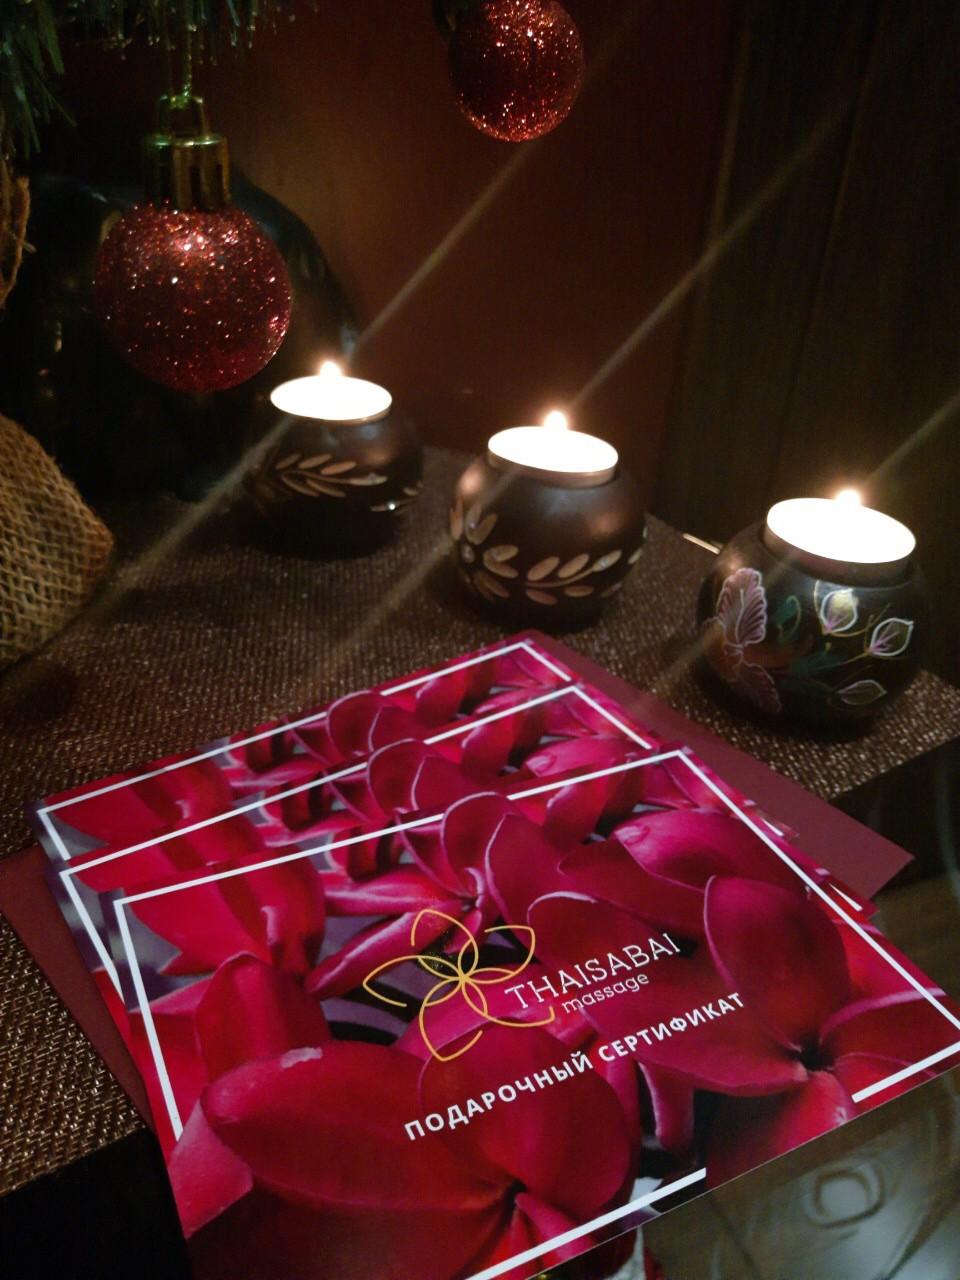 акция на подарочные сертификаты thaisabai